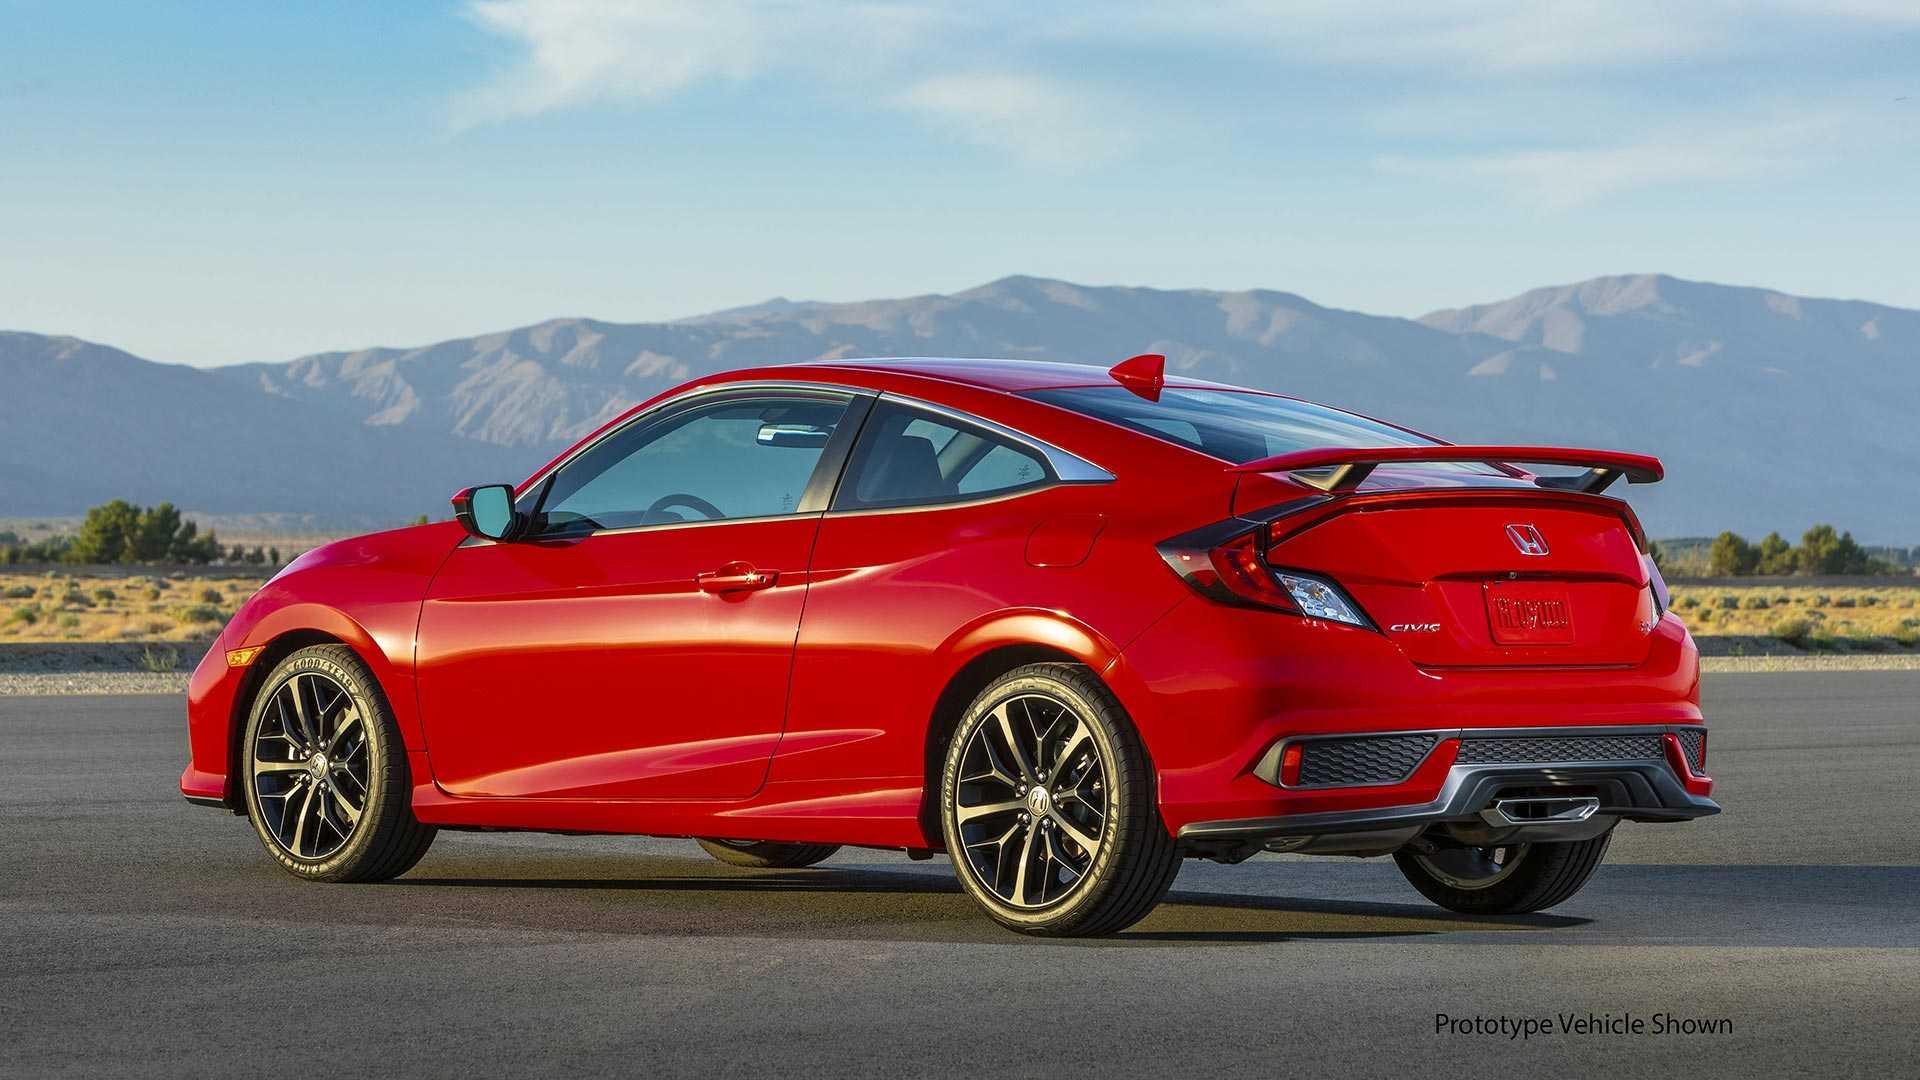 Khám phá Honda Civic Si 2020 phiên bản thể thao - 04